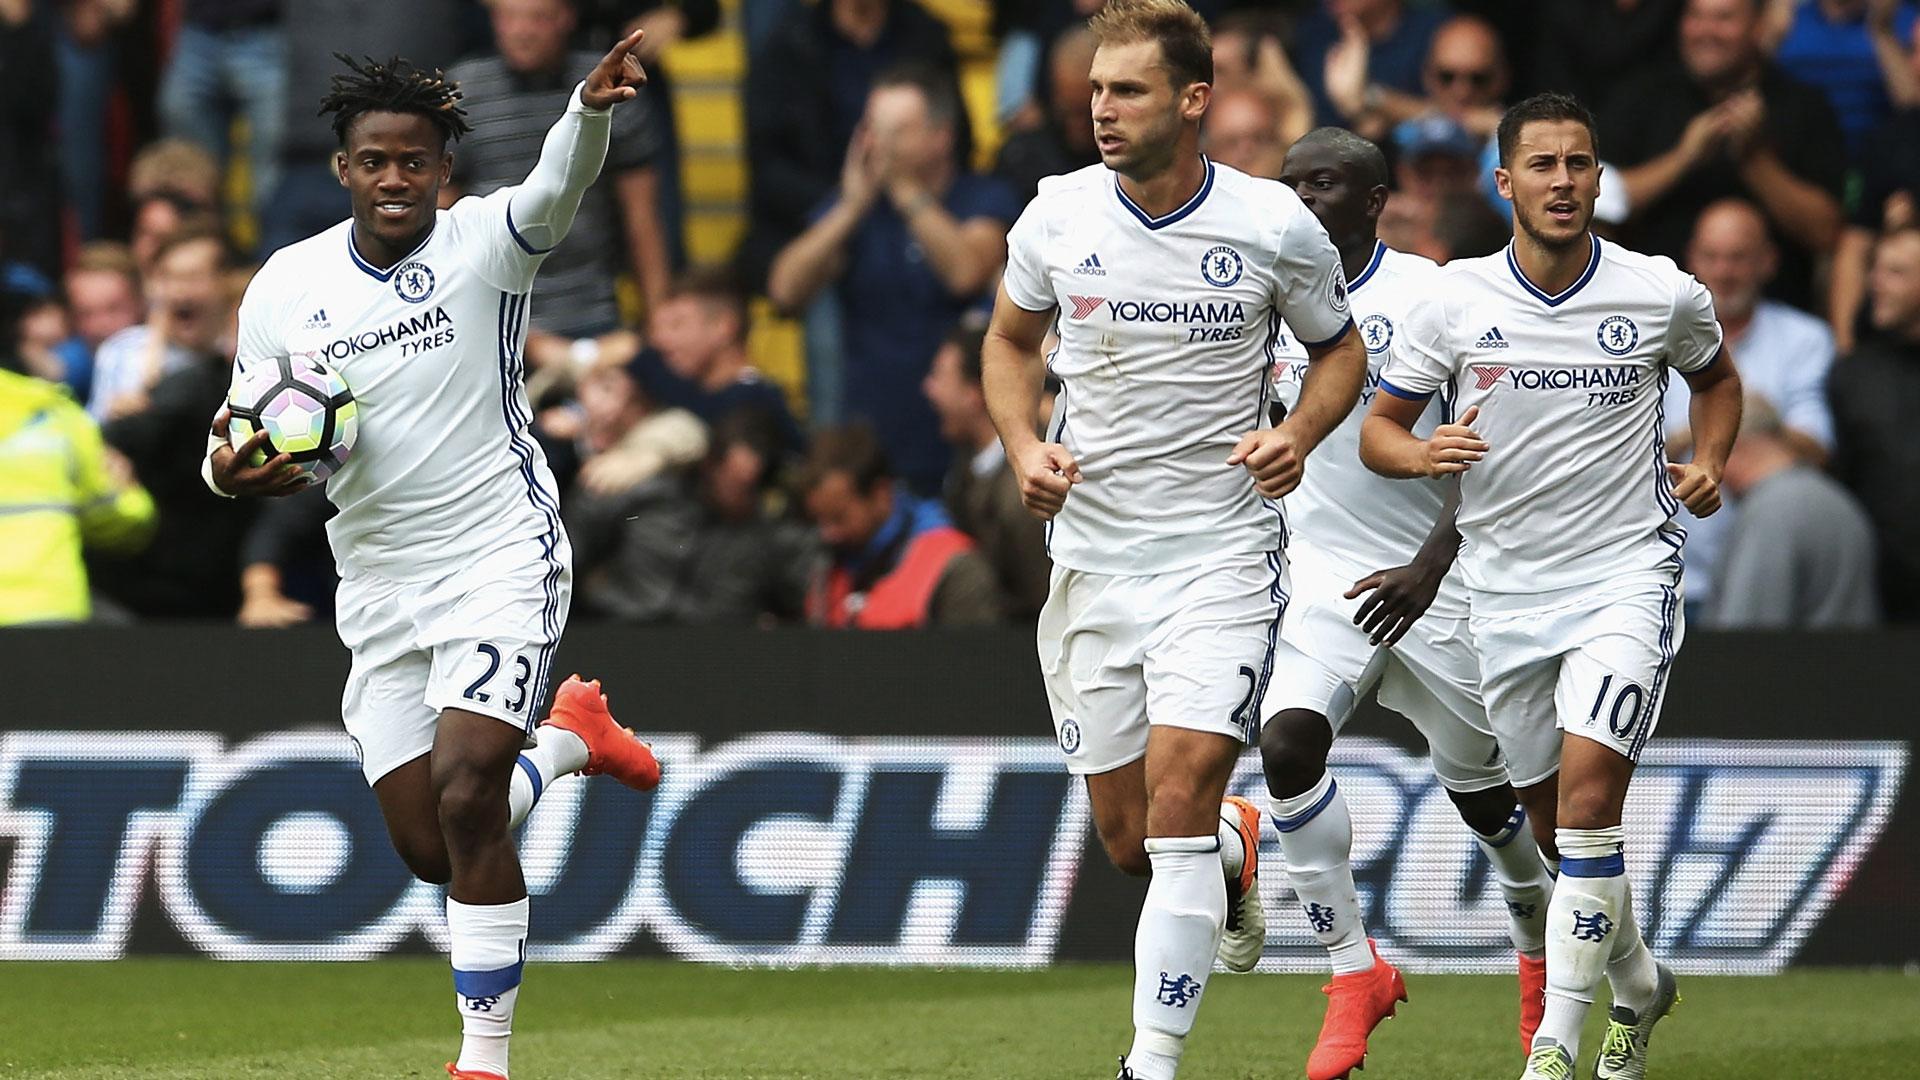 Premier League, Chelsea forza 10: ecco quanto manca al record